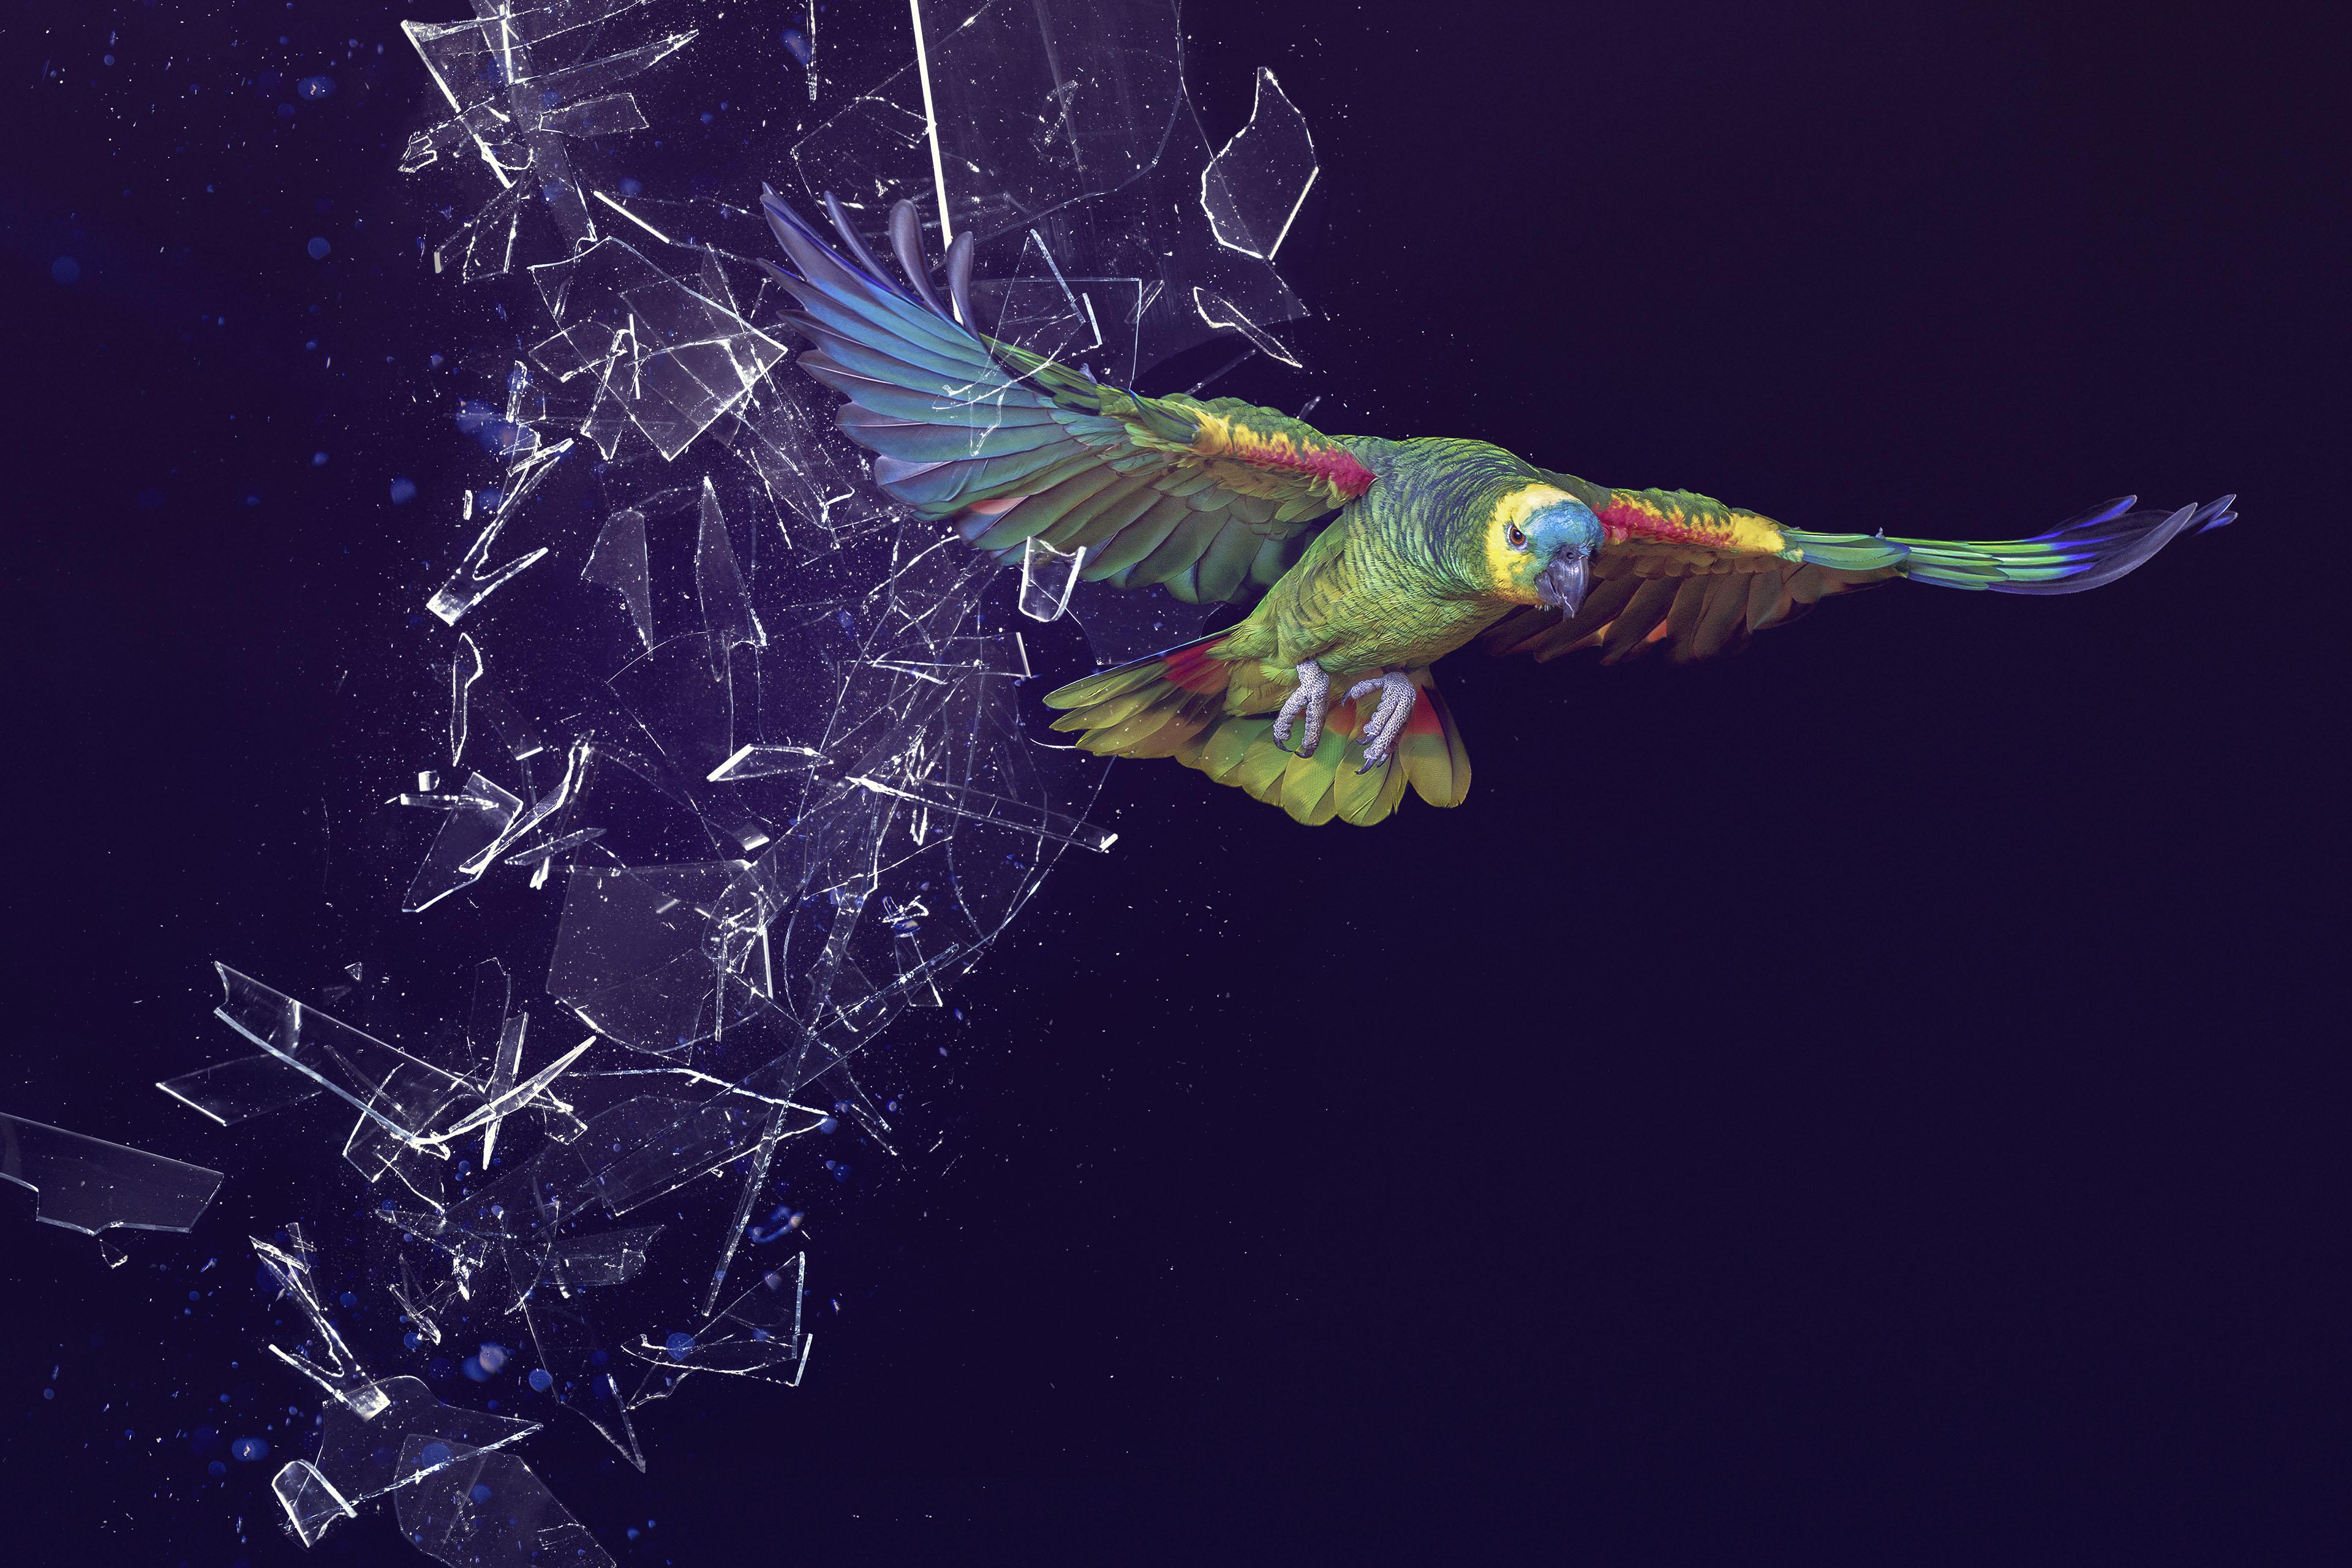 ey-eoy-2019-parrot.jpg